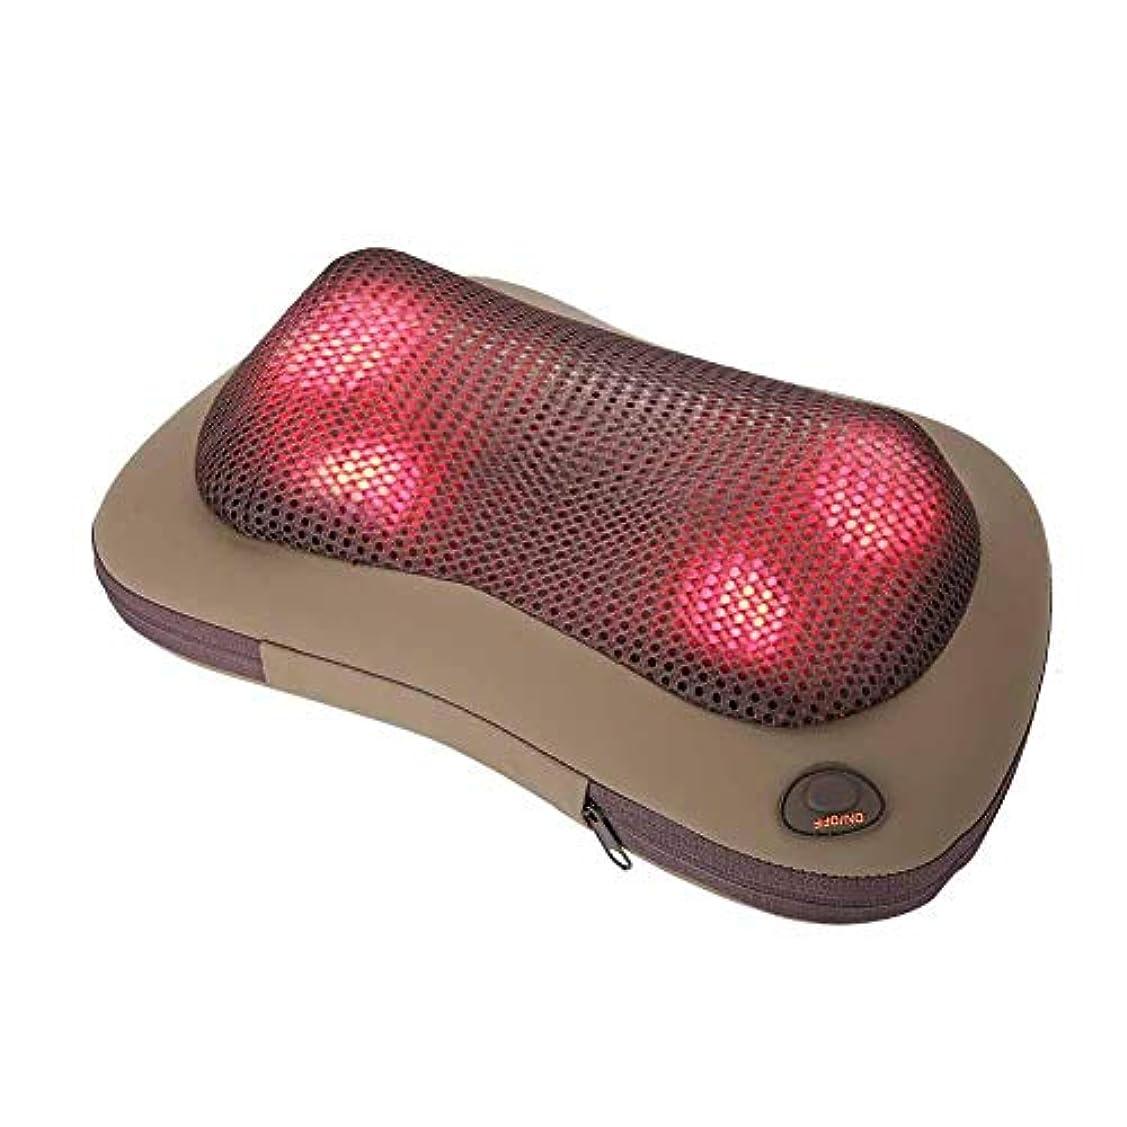 携帯用 電気マッサージ 枕 暖房療法 首 ウエスト 足 腕 マッサージ用具(グレー)